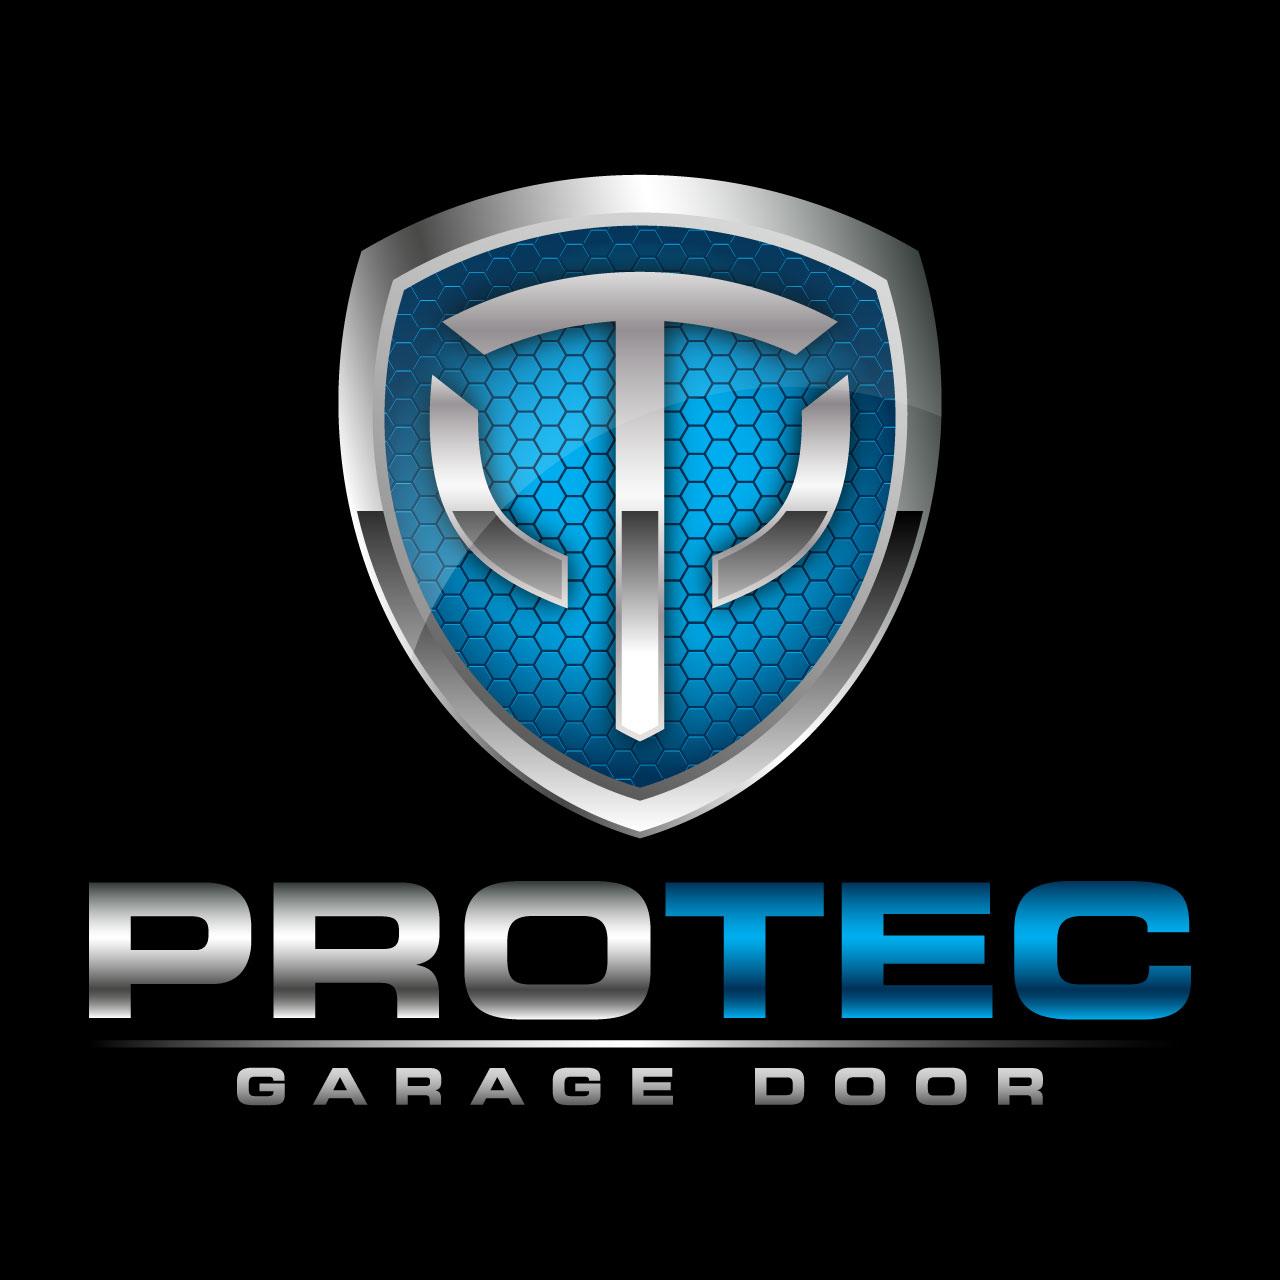 ProTec - Garage Doors of Charlotte - Charlotte, NC - Windows & Door Contractors